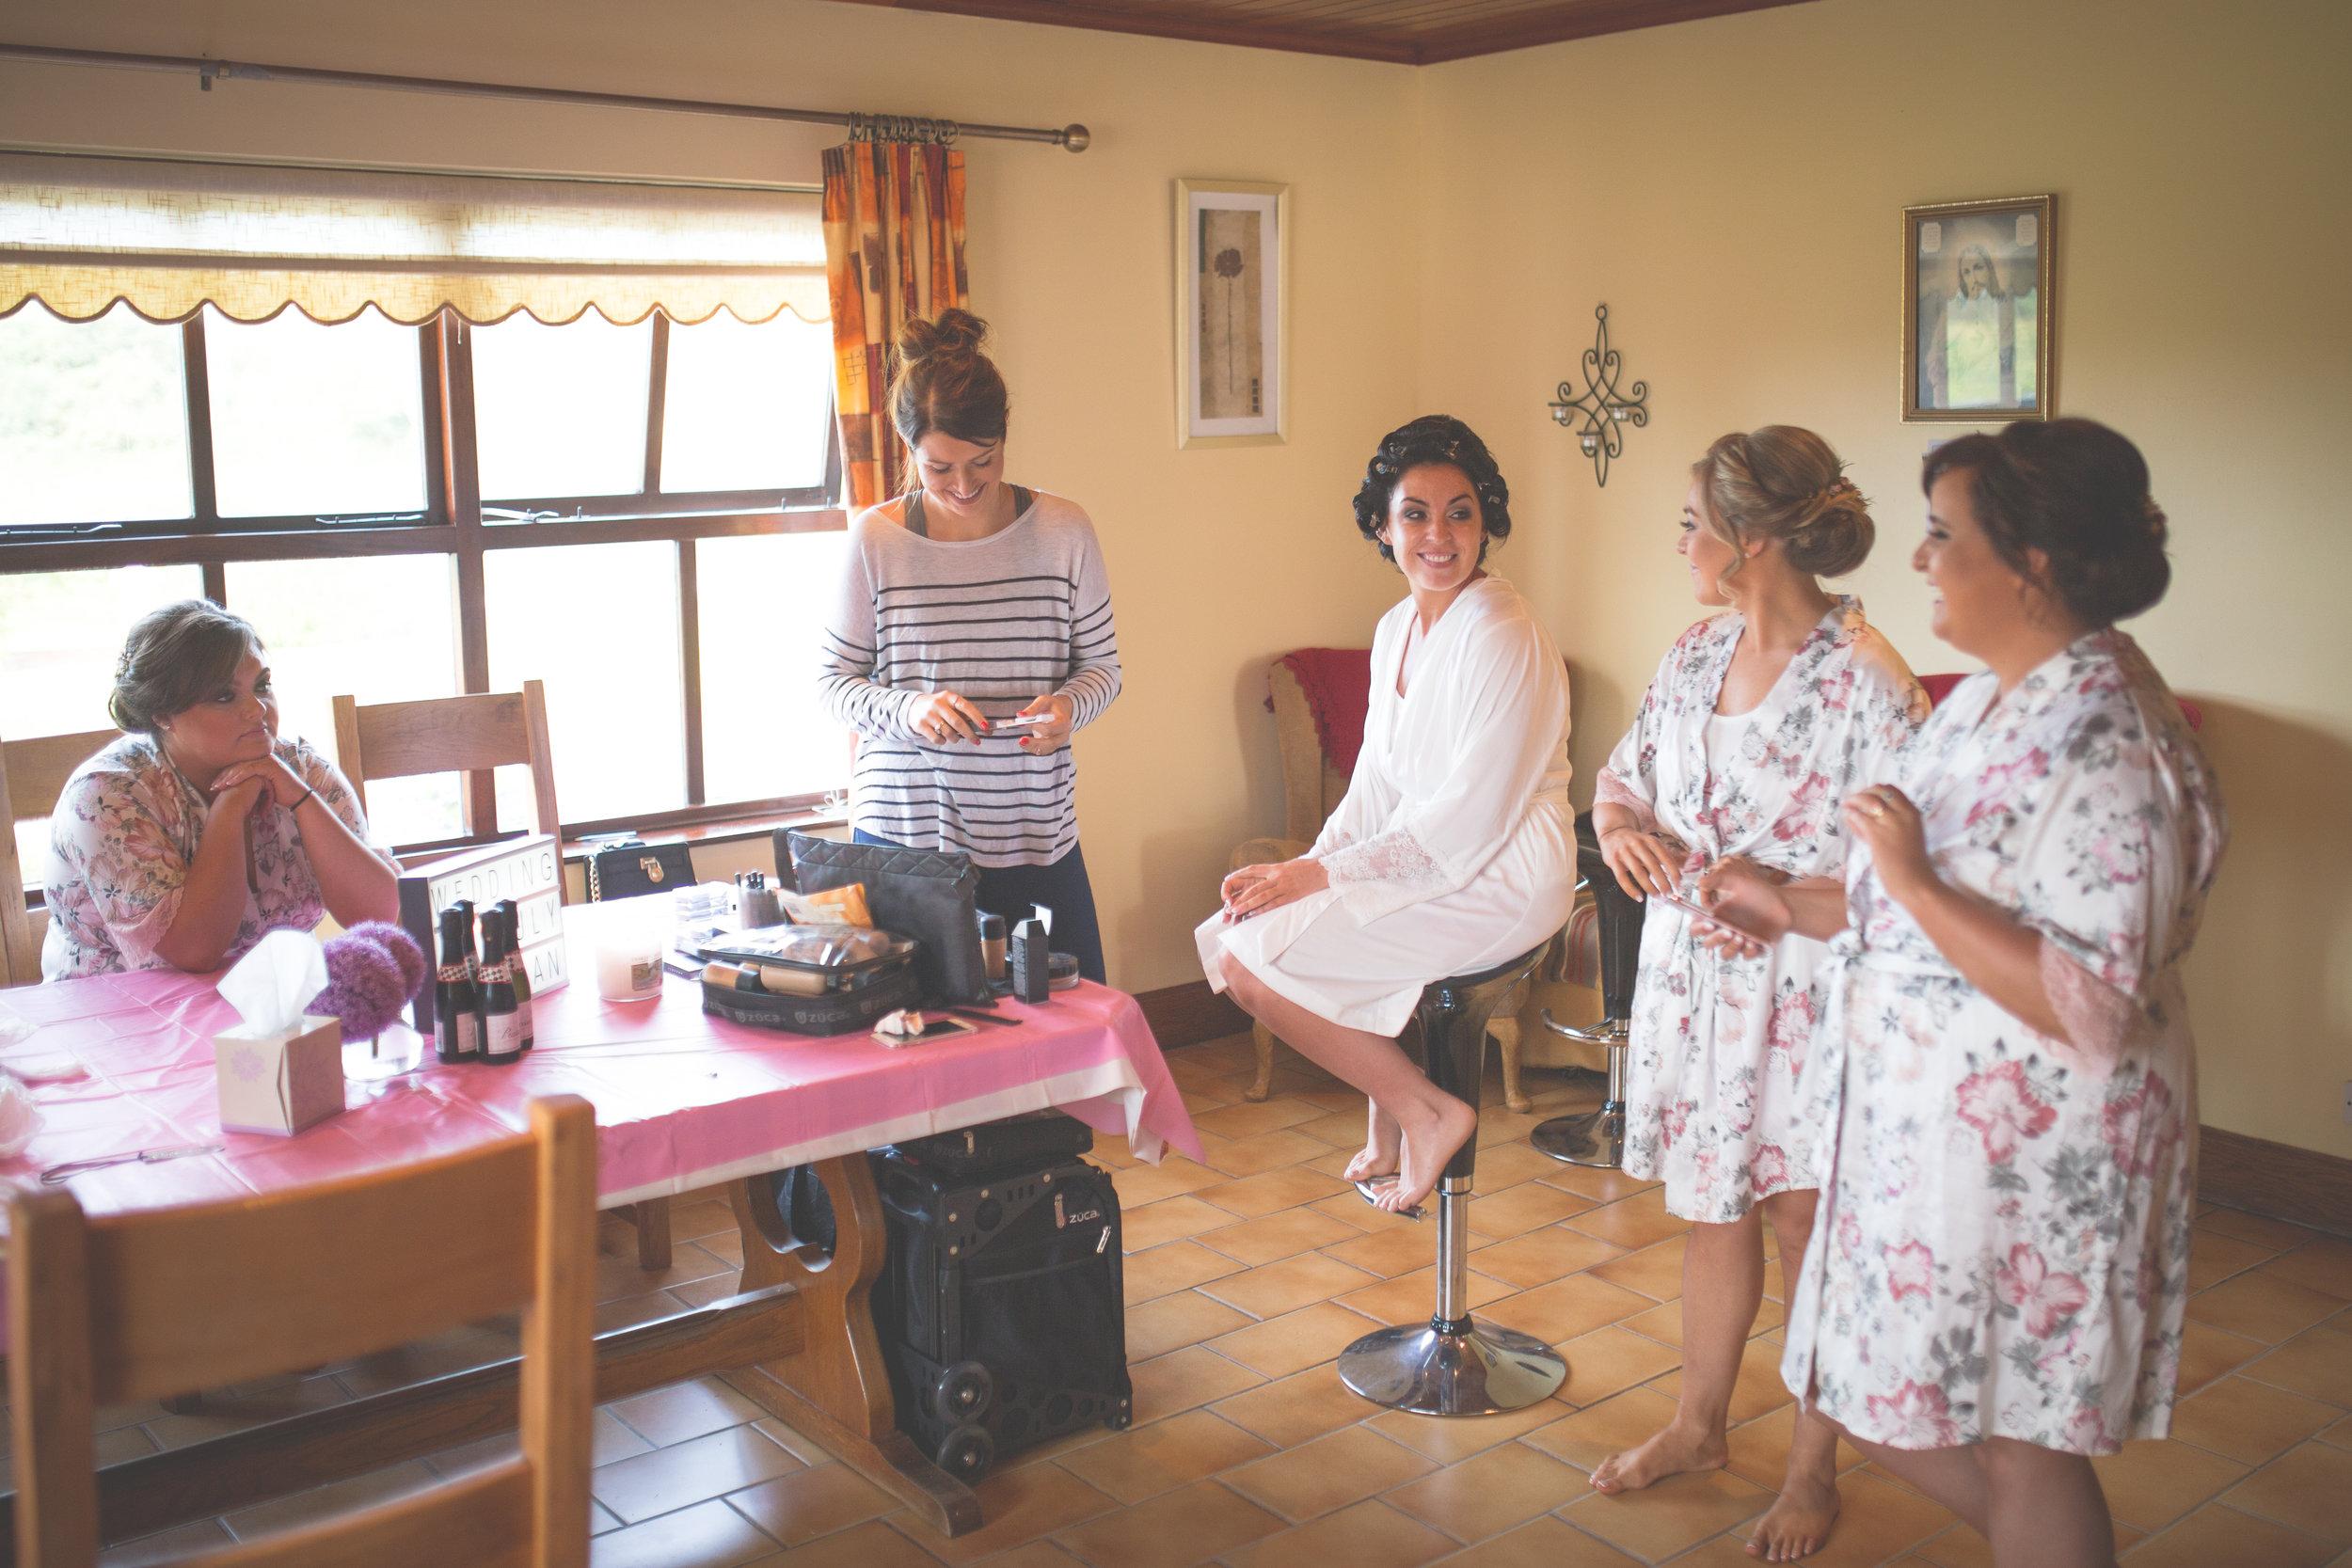 Brian McEwan Wedding Photography | Carol-Anne & Sean | Bridal Preparations-93.jpg